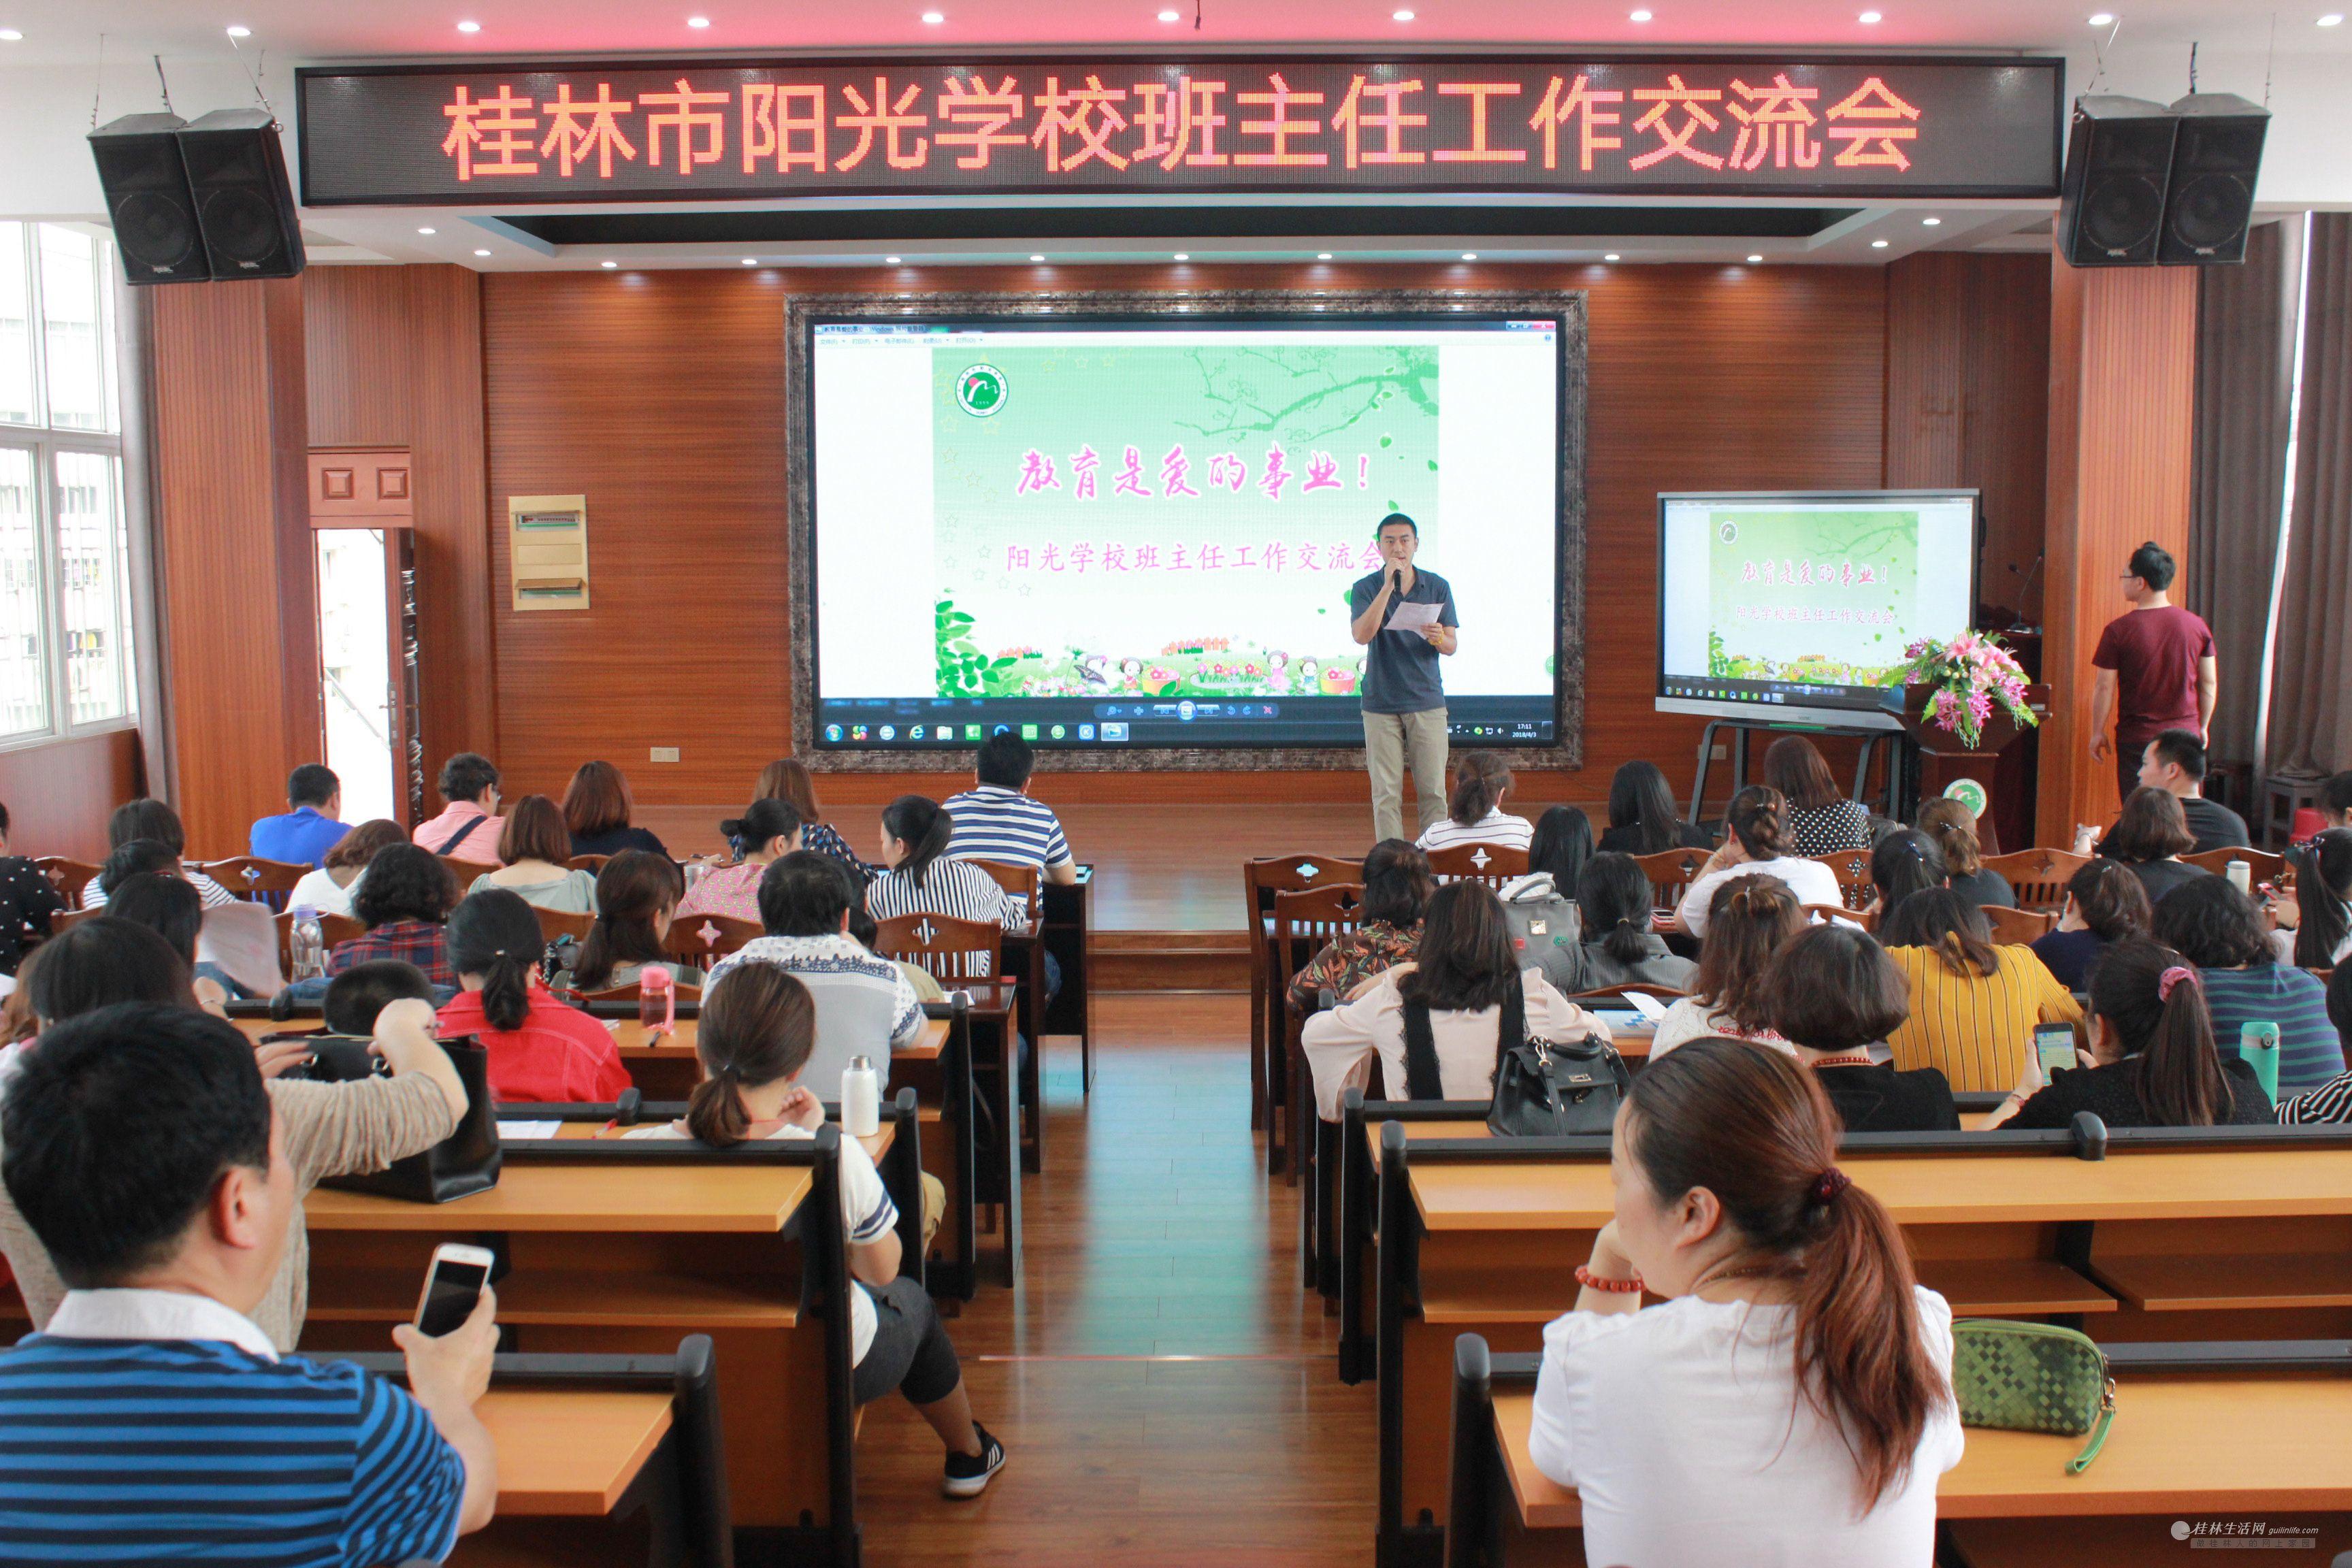 桂林市阳光学校举办班主任工作交流主题会